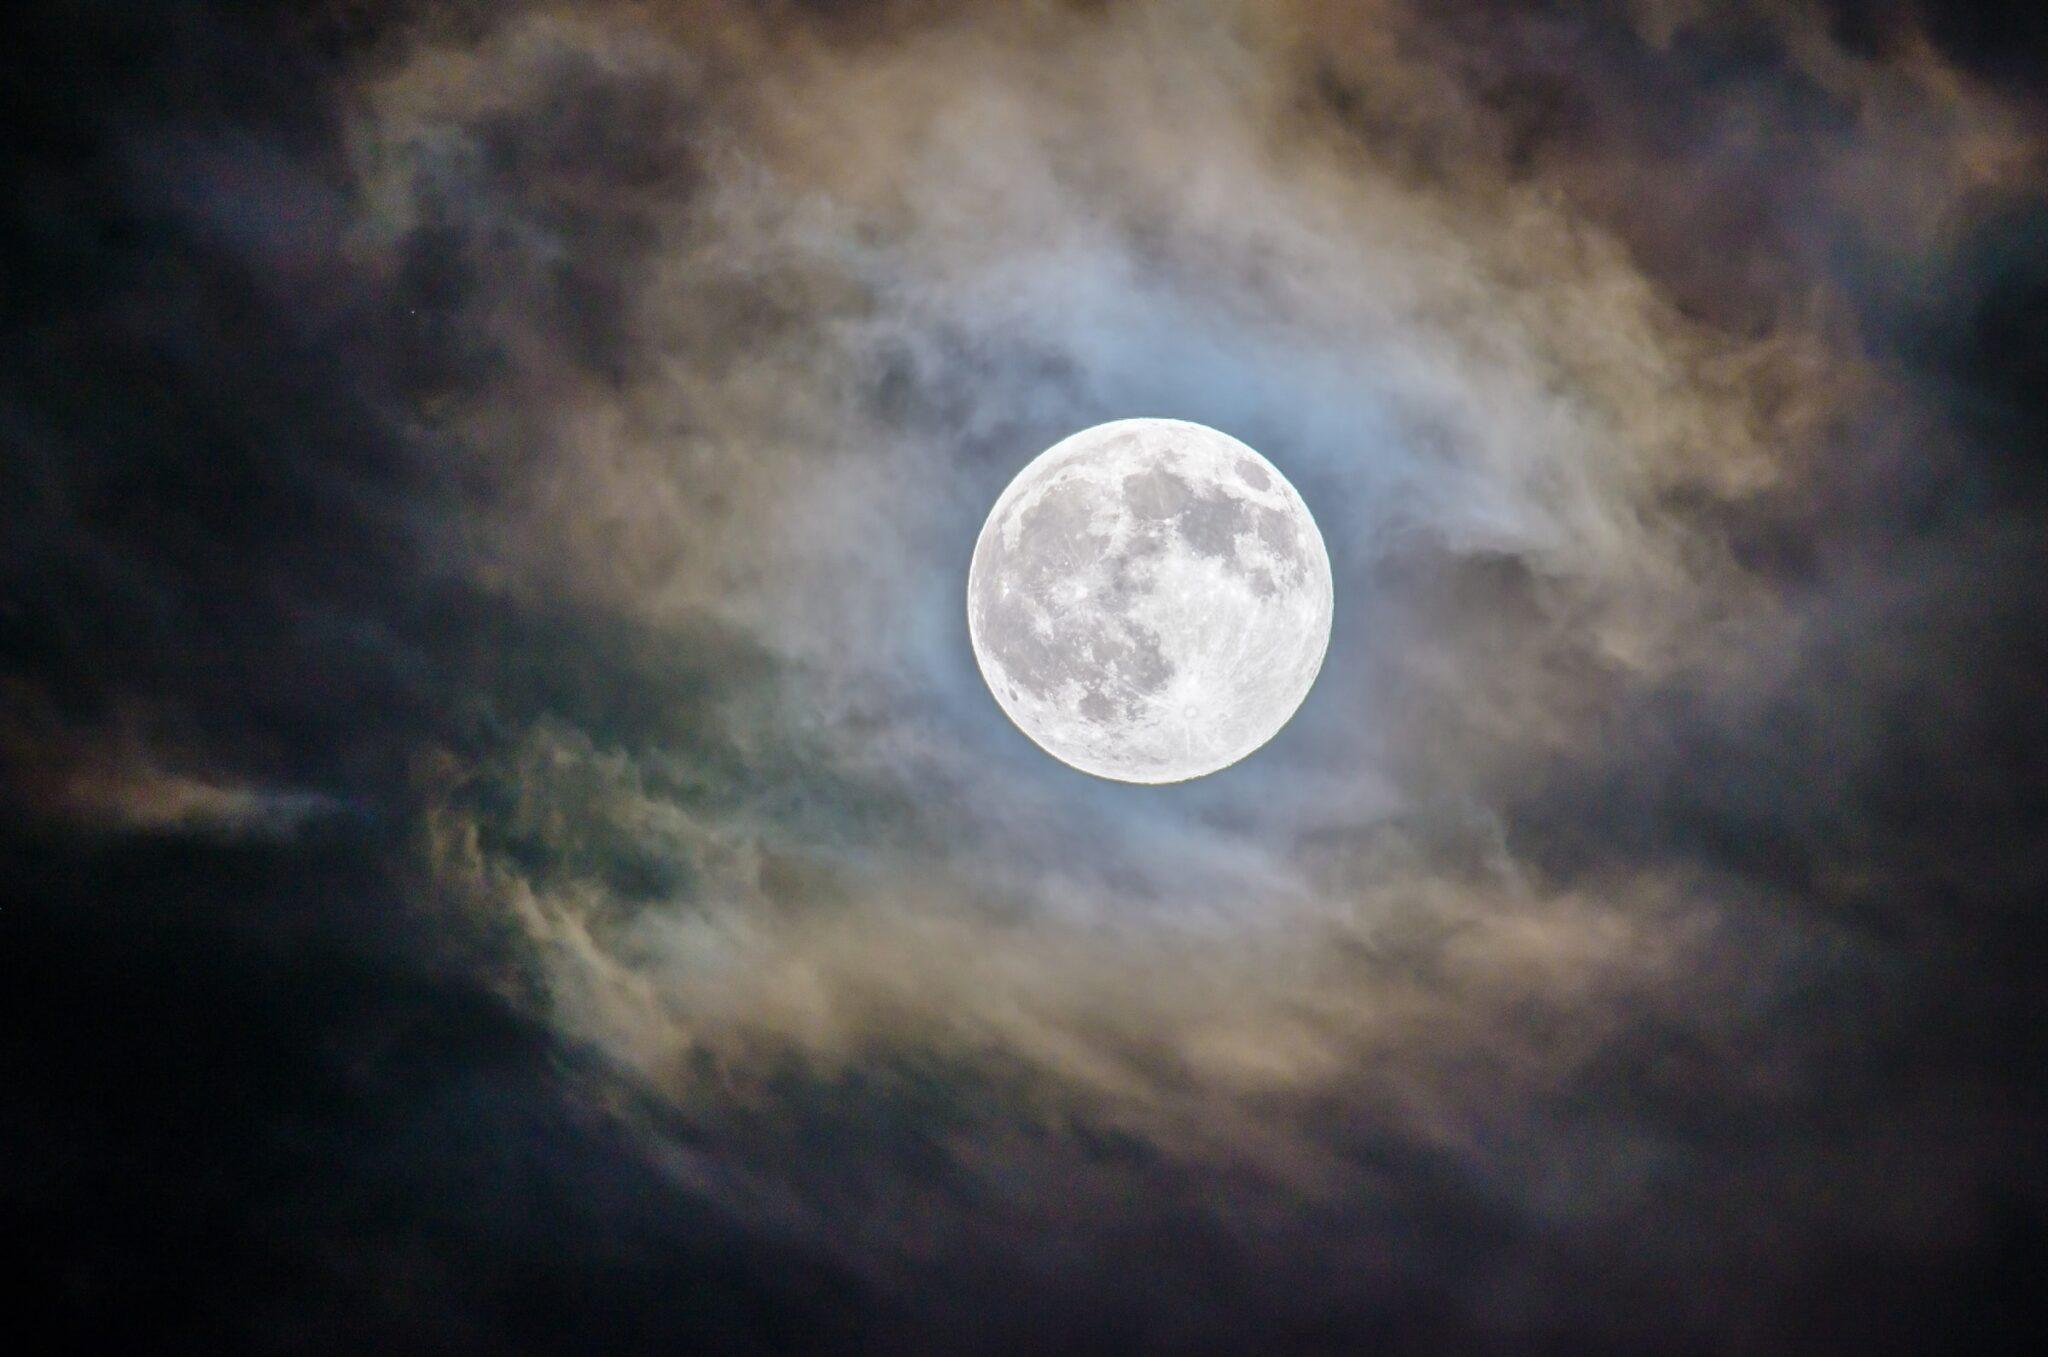 Vollmond mit Halo und Wolken am Nachthimmel